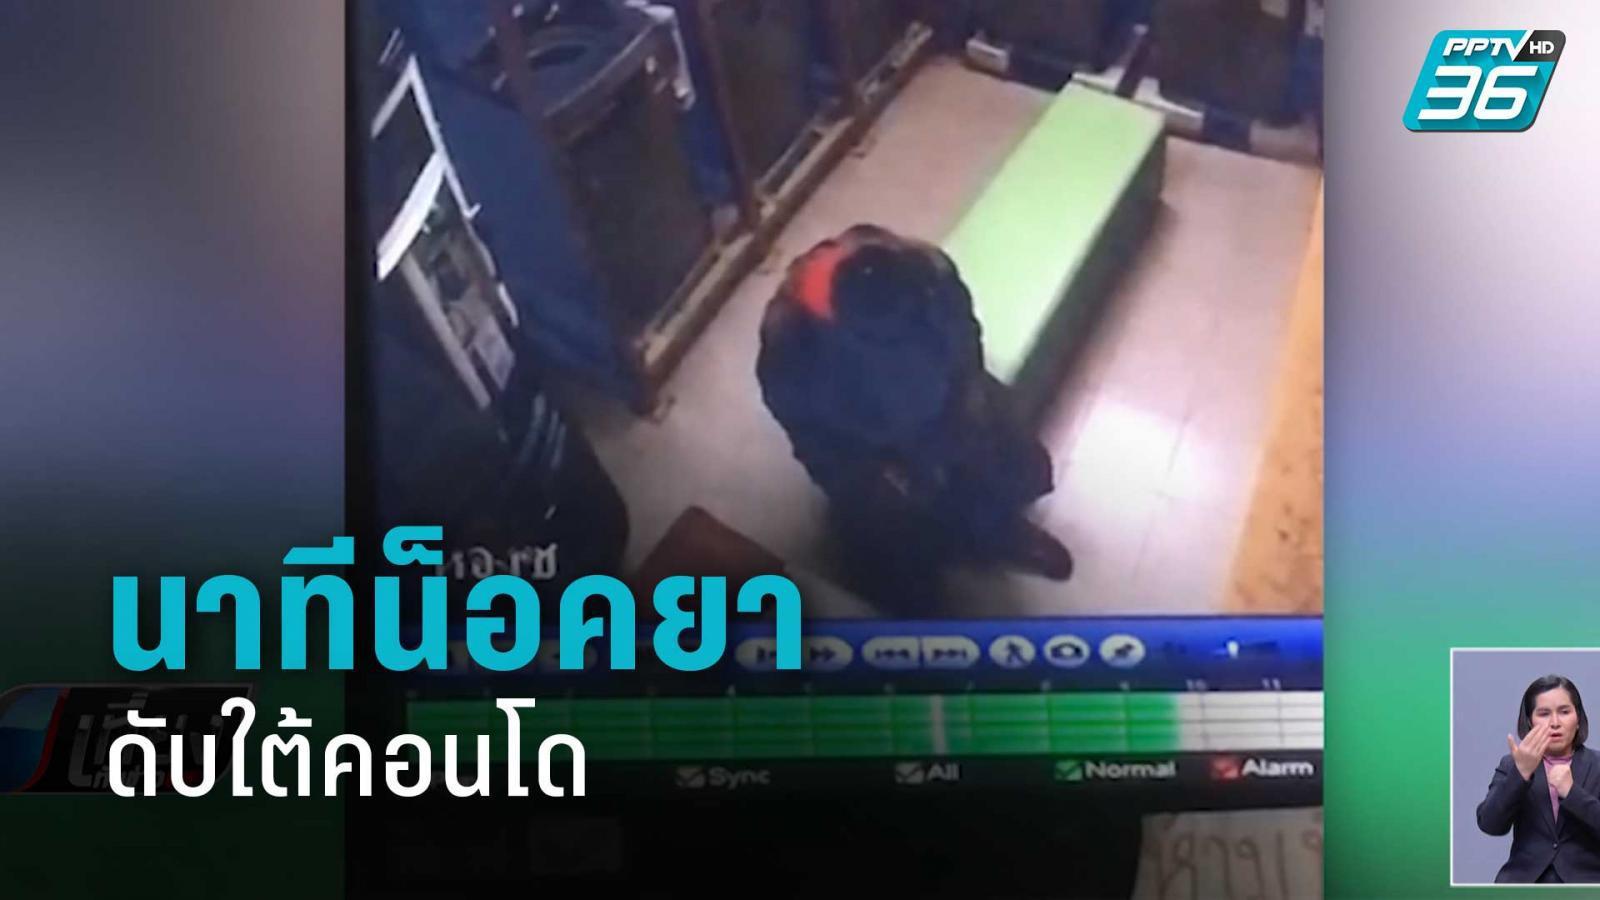 วงจรปิด หนุ่มน็อคยาเคนมผง ตายใต้คอนโดนนทบุรี